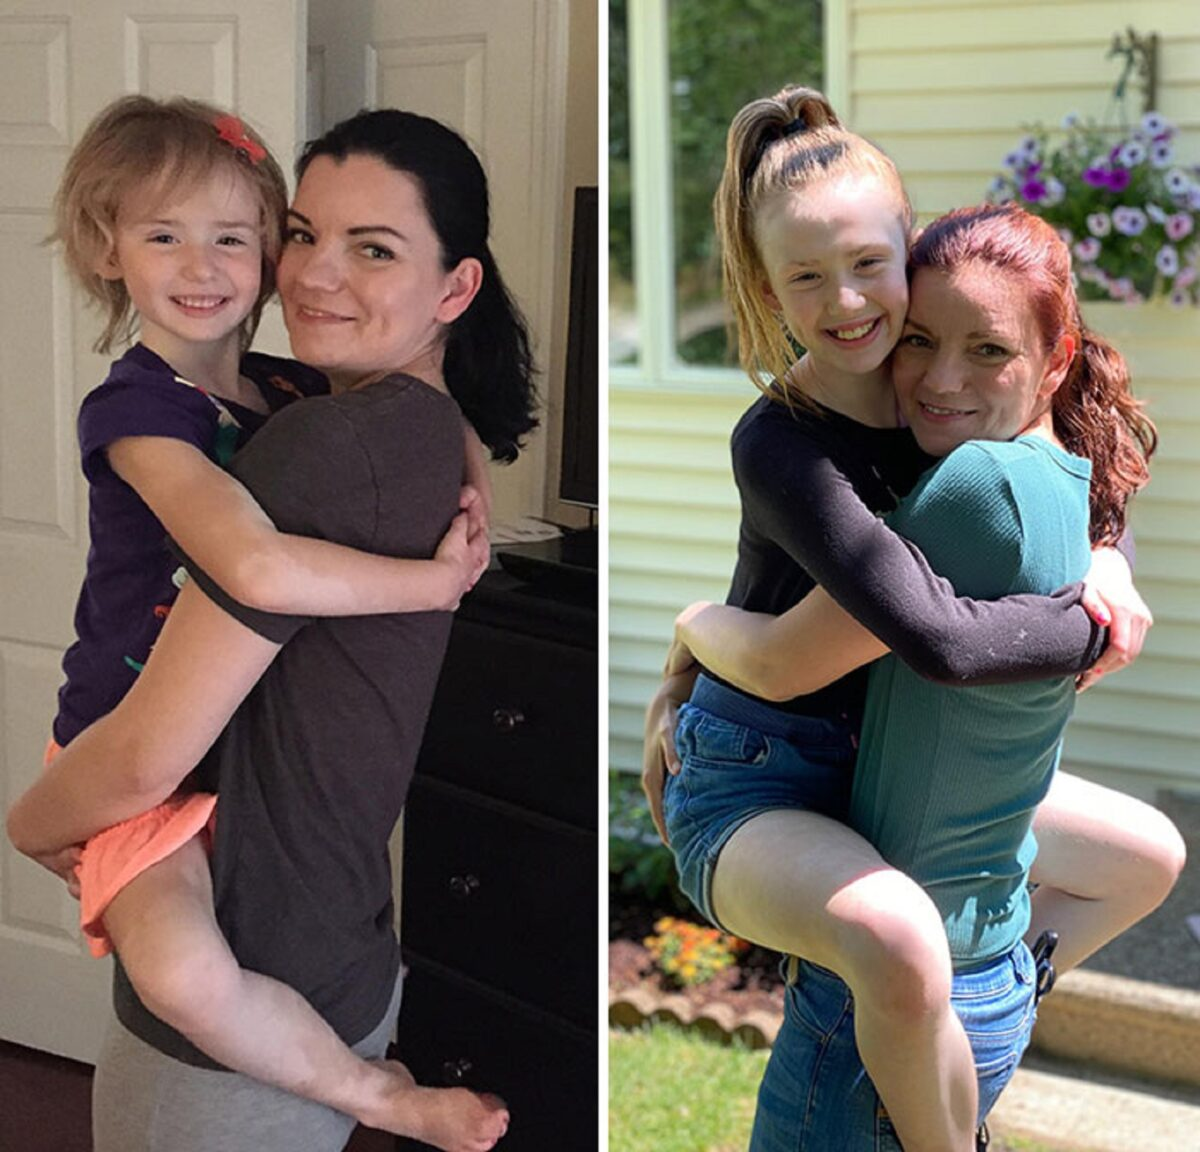 Fotos de familia recriadas de forma identica 12